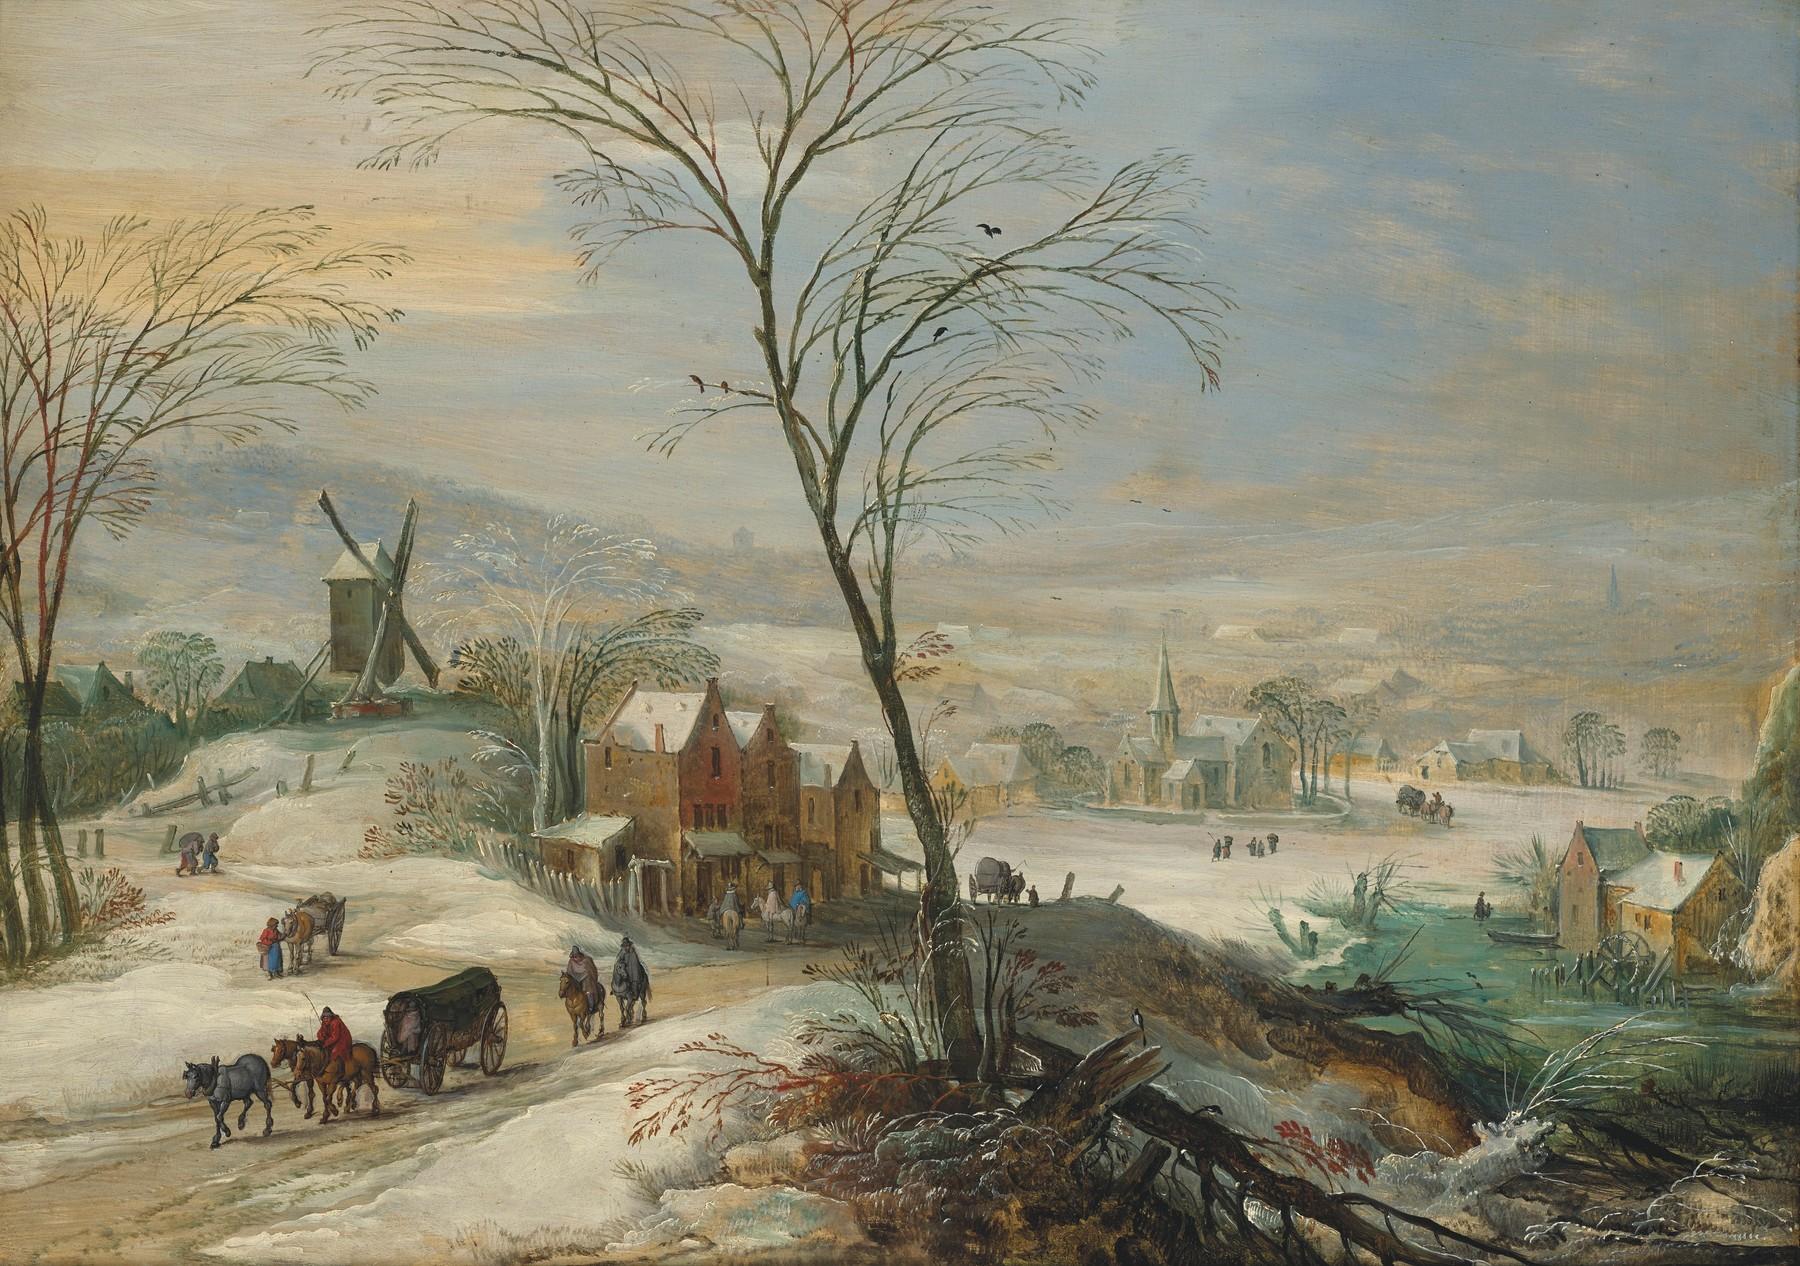 2021_par_19975_0014_000-joos_de_momper_et_jan_brueghel_le_jeune_paysage_dhiver_avec_un_moulin112612-.jpg